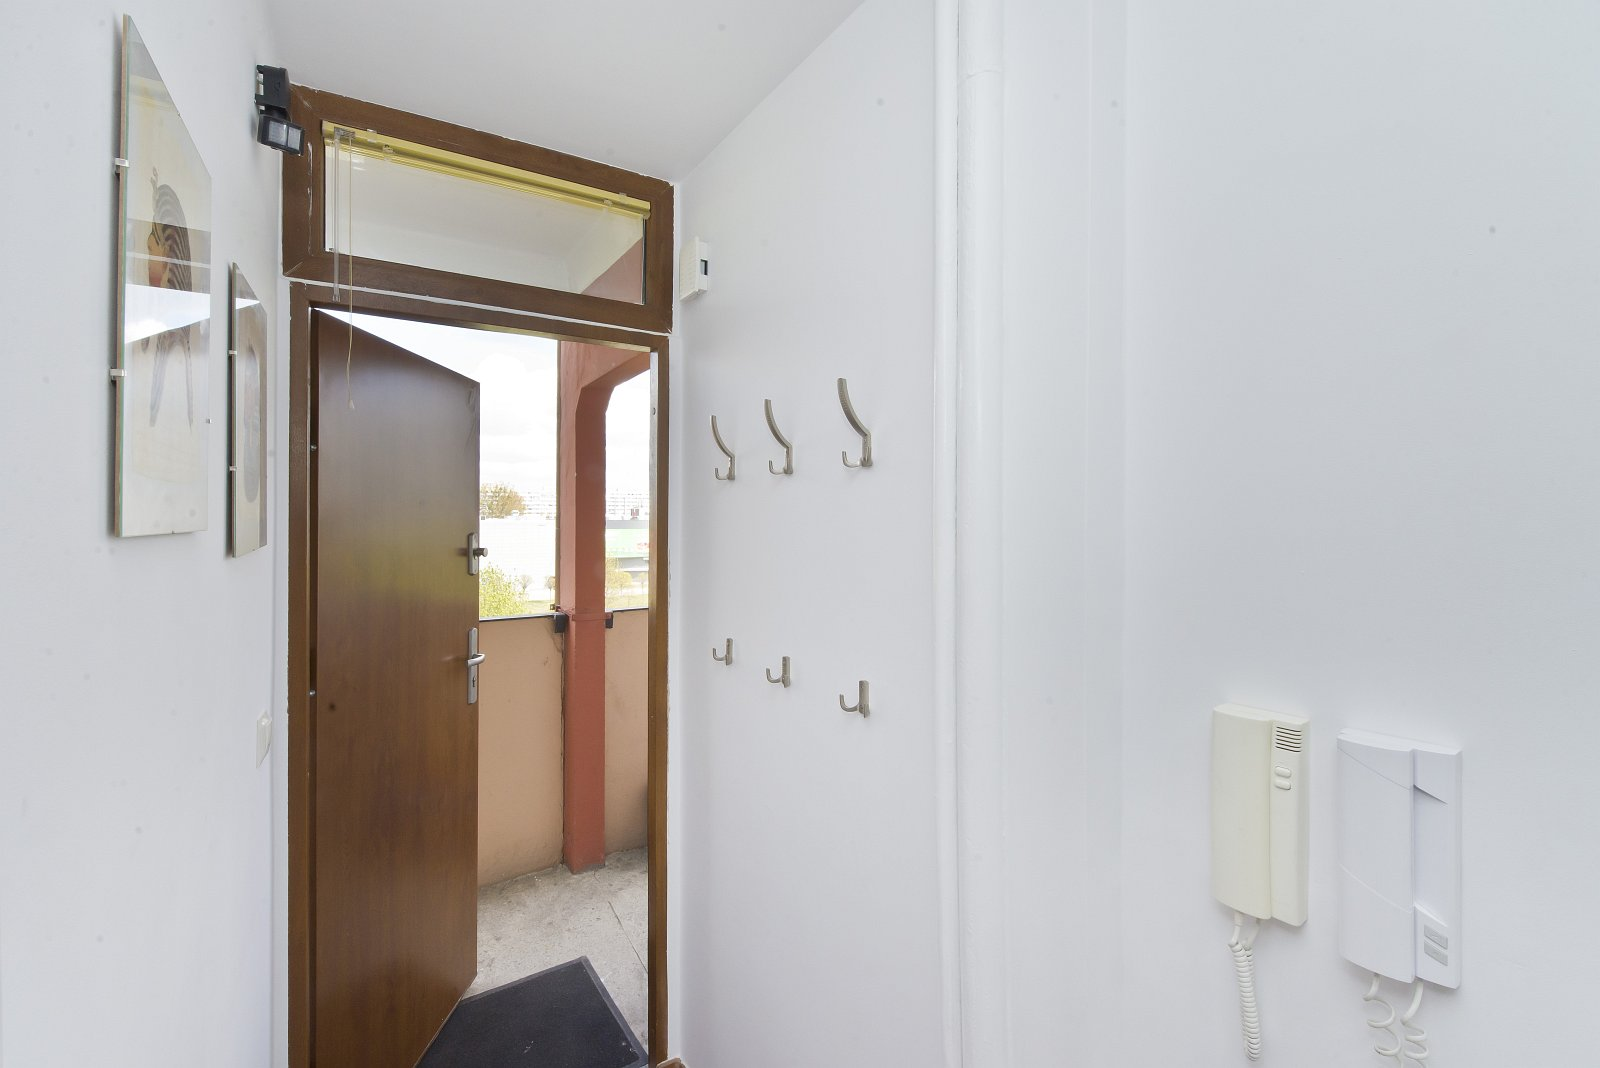 mieszkanie-wynajem-gdansk-ow4-05-01web